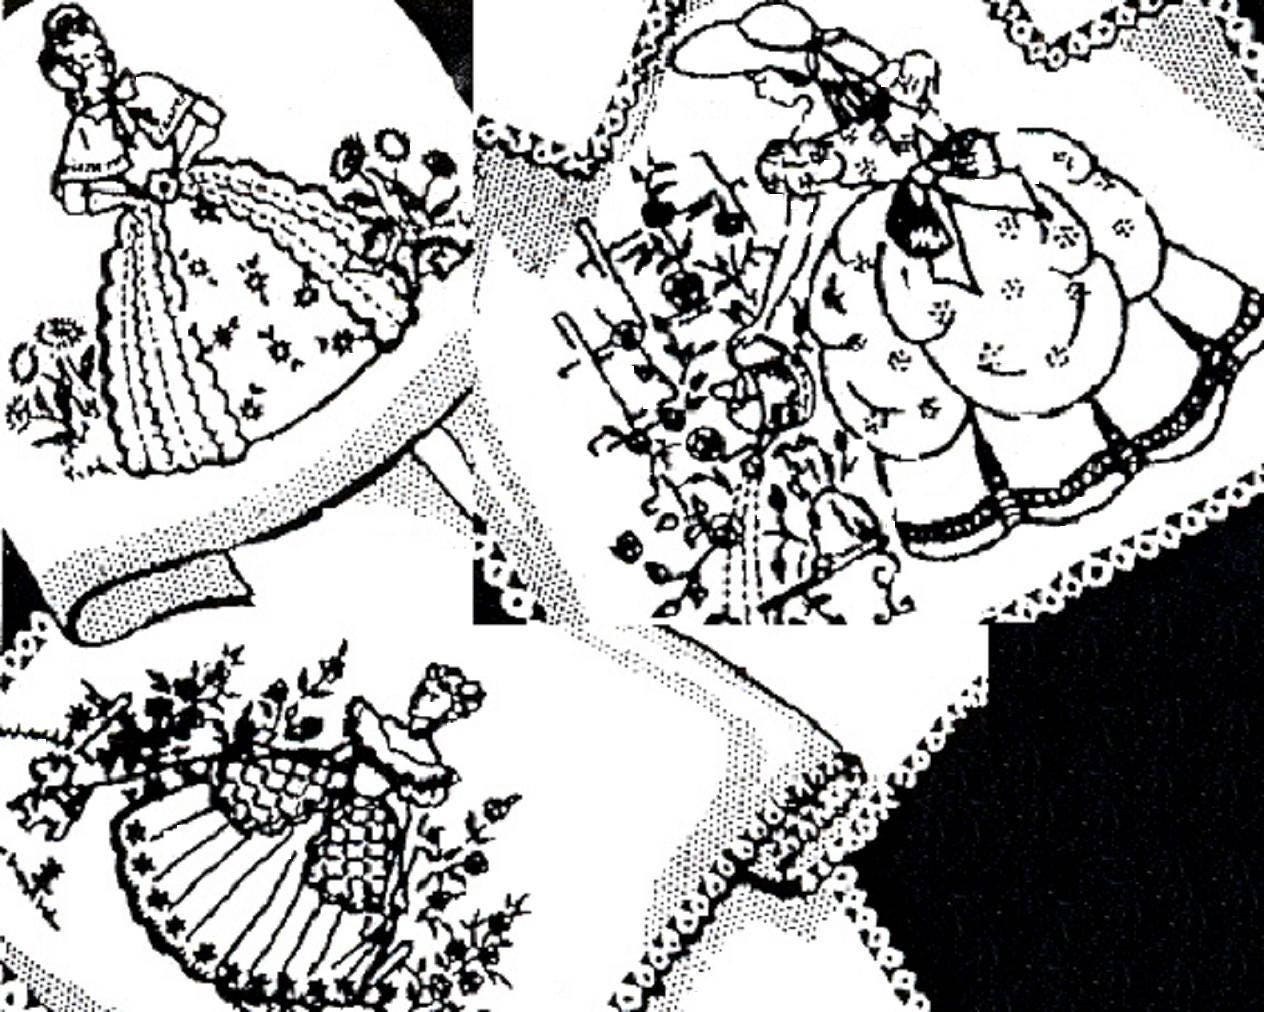 Belle meridional 3 crinolina de señora con bordado de perro | Etsy